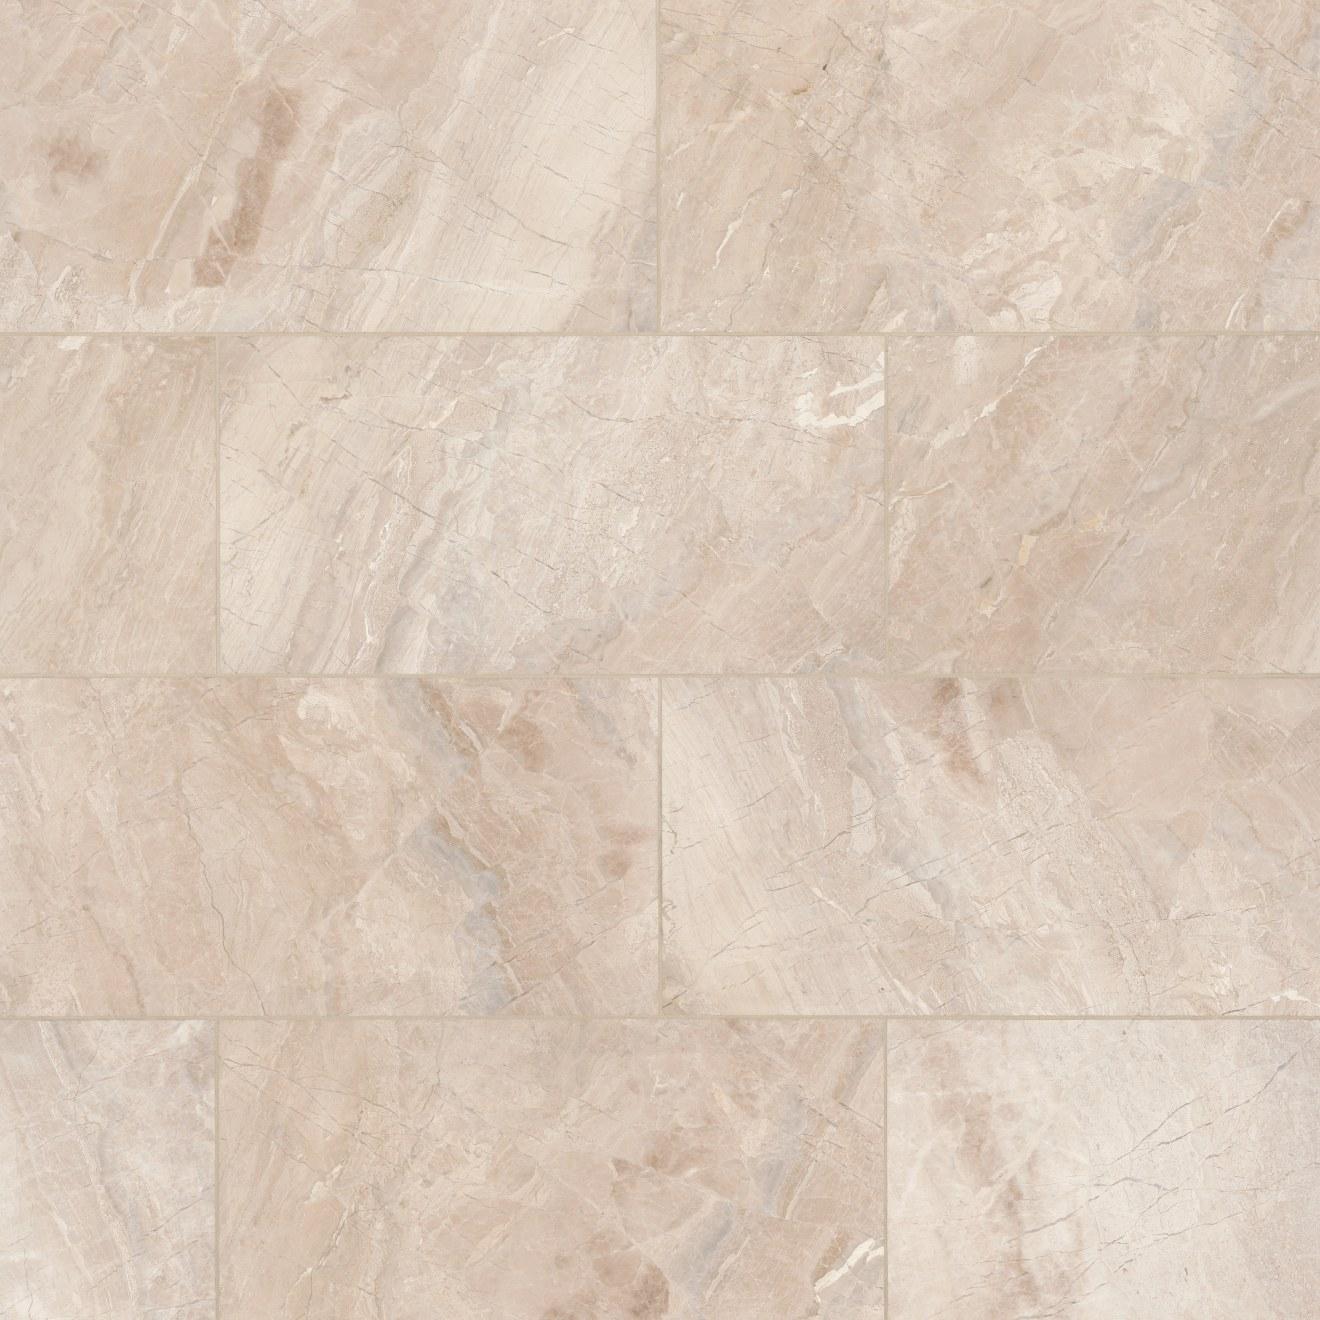 """Caspian Bisque 12"""" x 24"""" Floor & Wall Tile"""